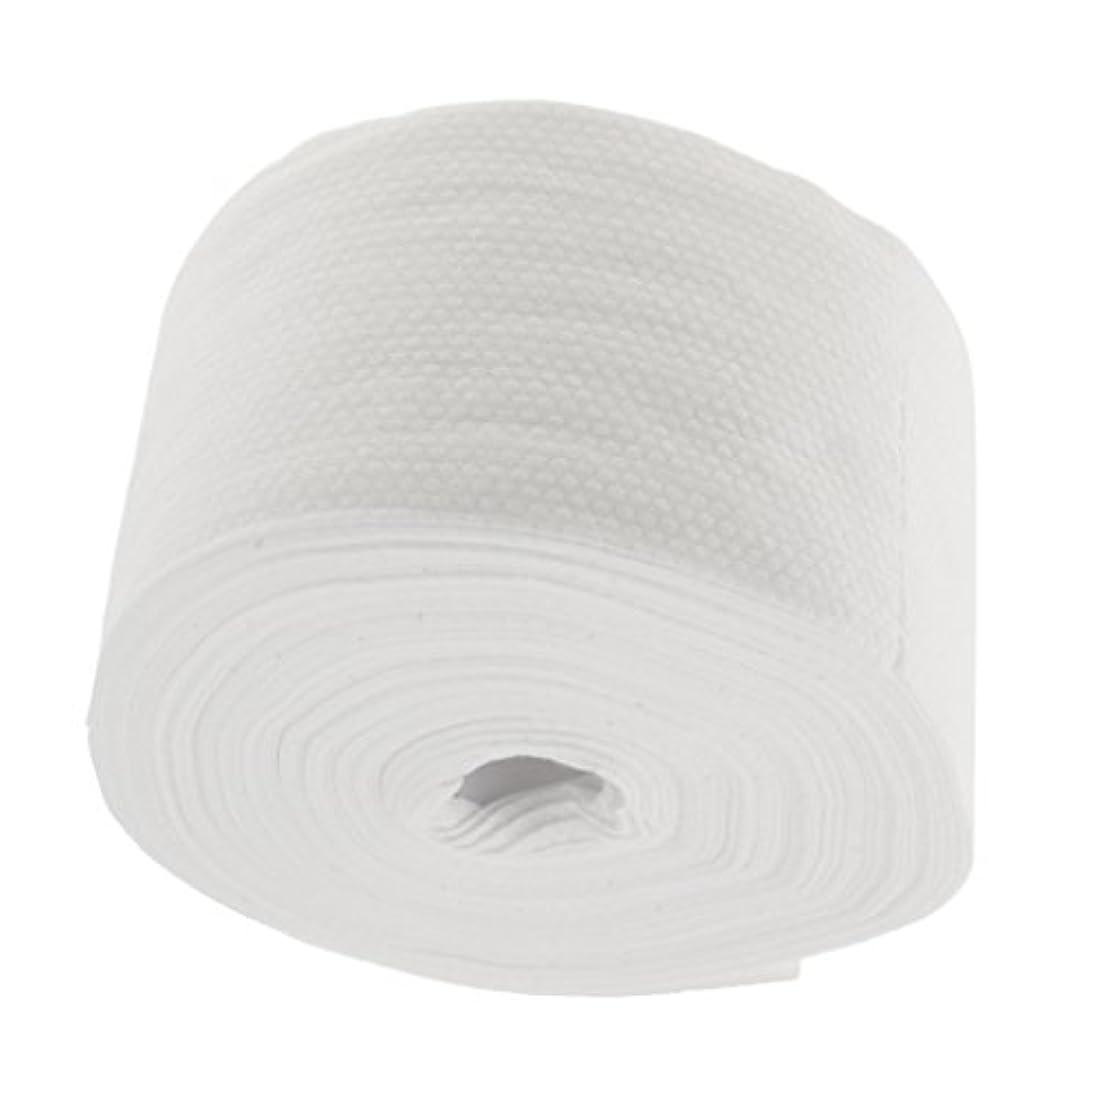 スライム雷雨徴収Sharplace ロール式 使い捨て 洗顔タオル 使い捨てタオル 30M コットン 繊維 メイクリムーバー 快適 - #2